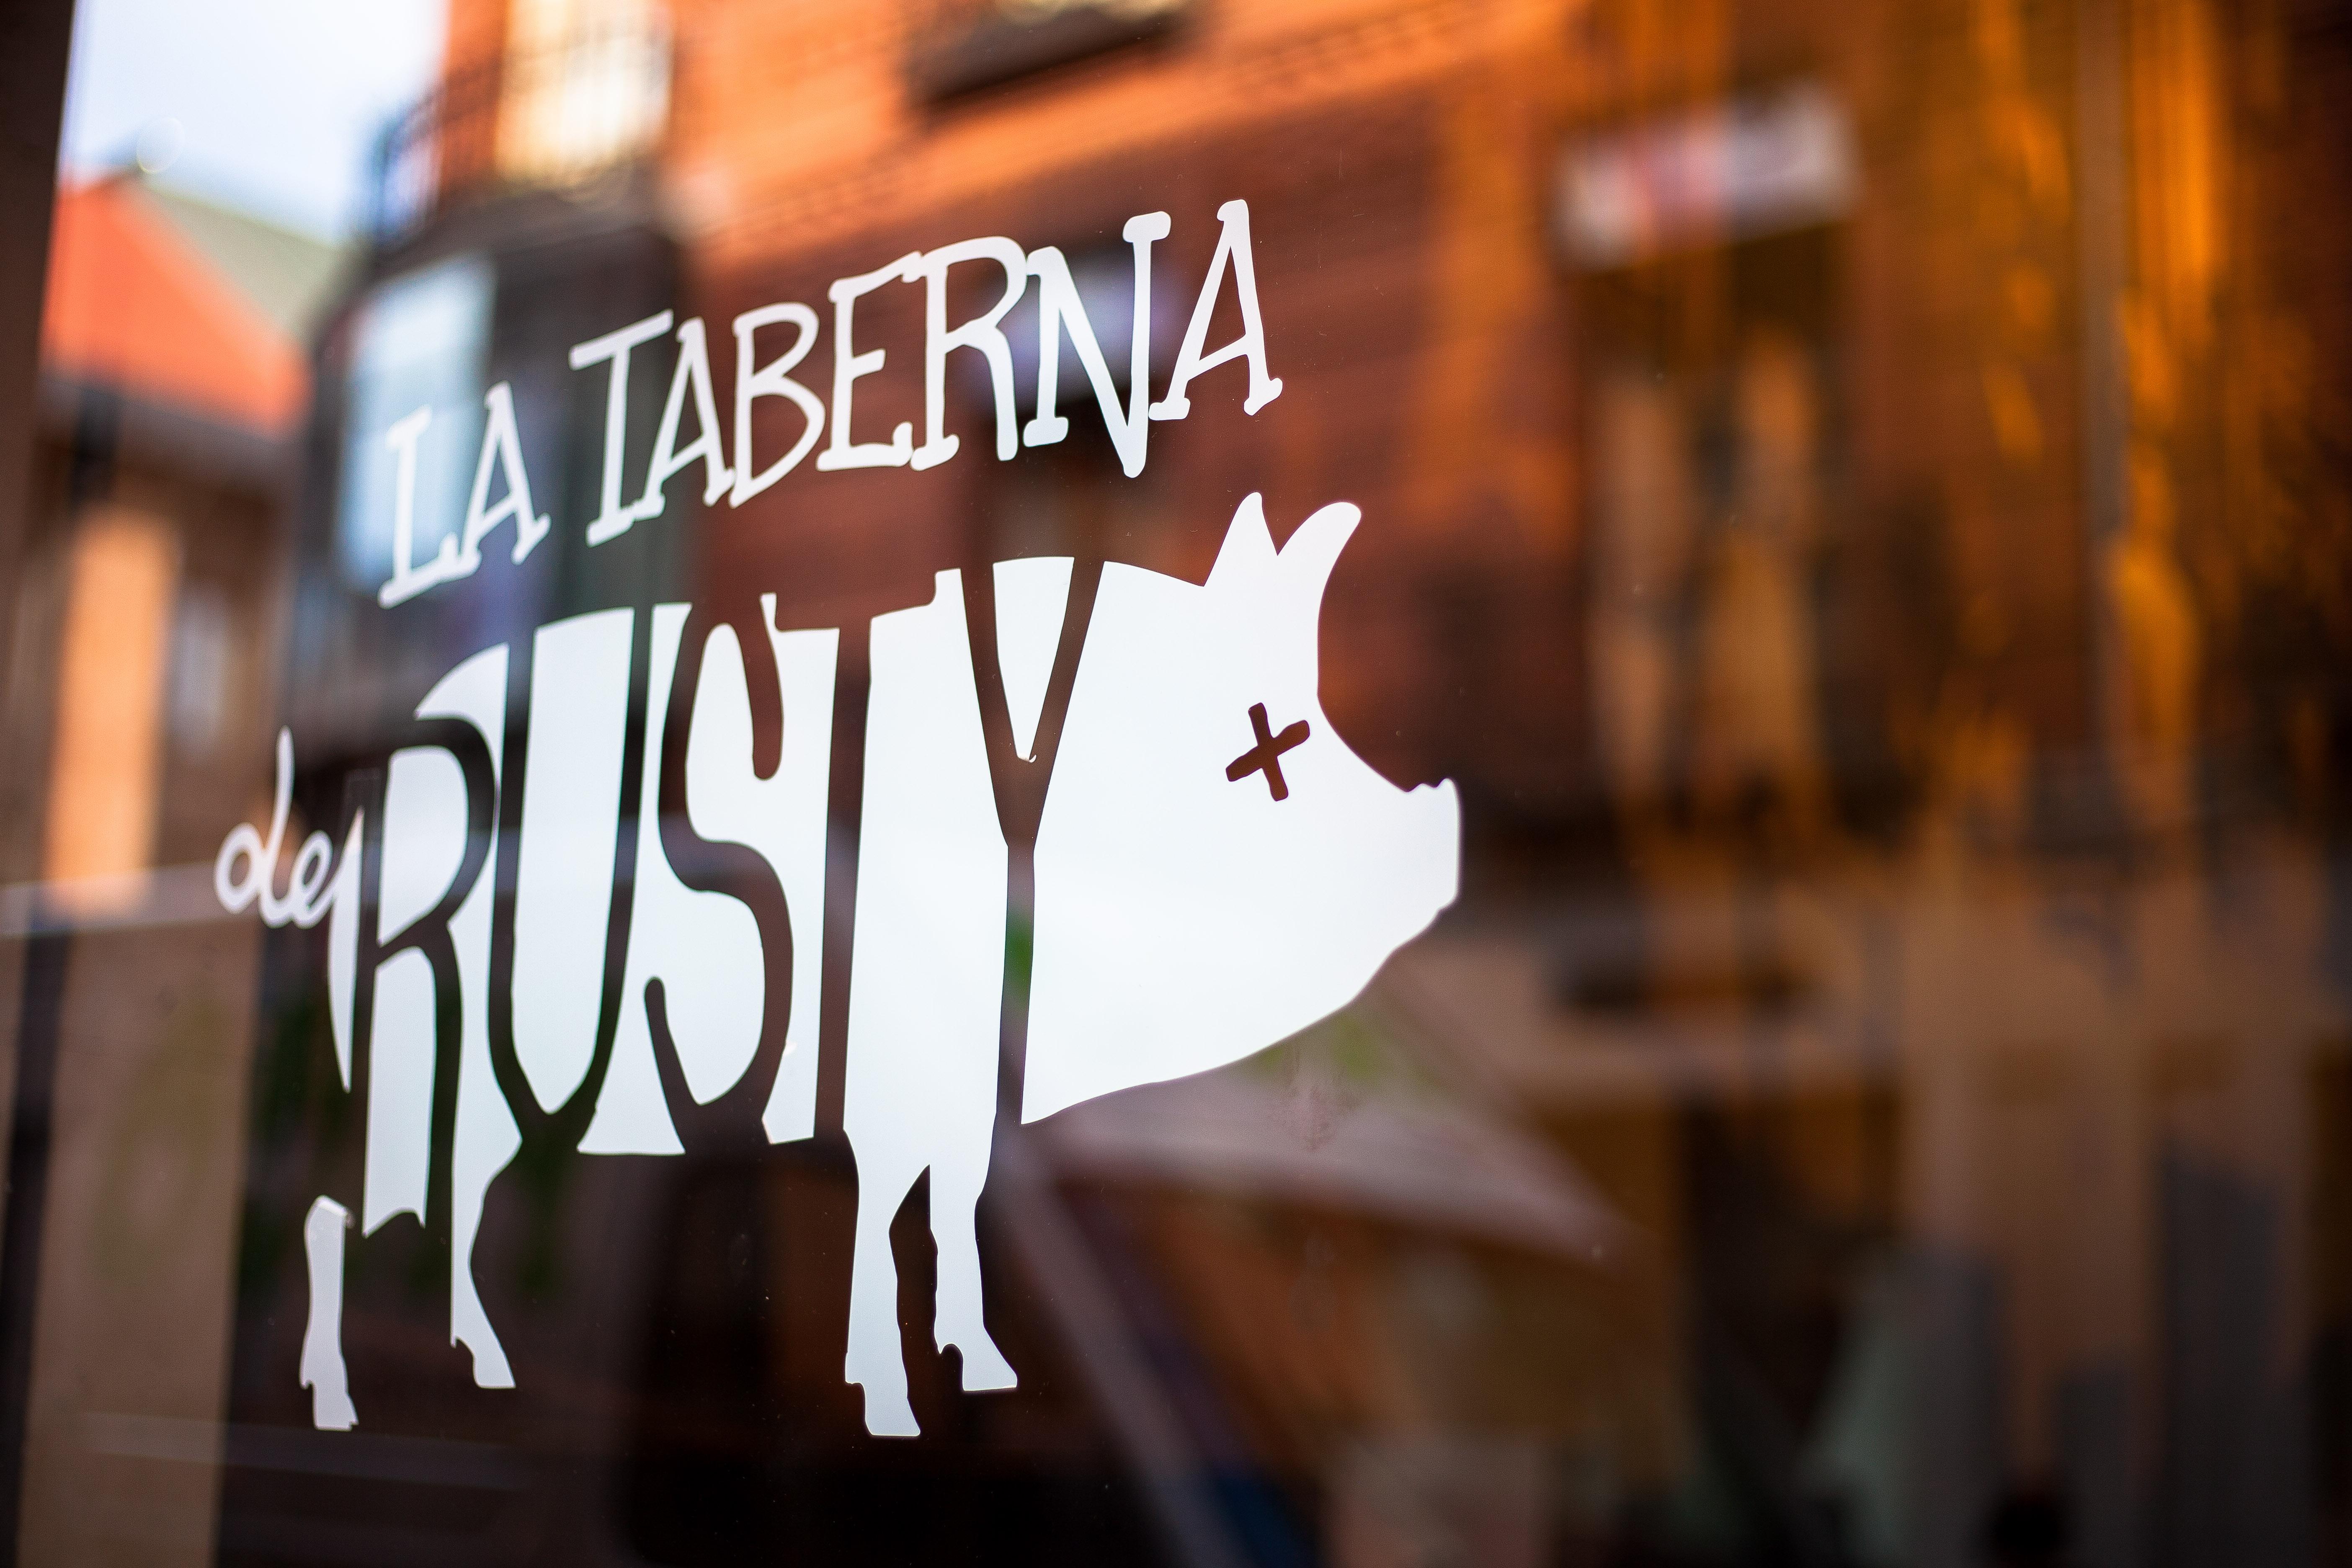 Foto 45 de Bar - Restaurante en Alcalá de Henares | Taberna Rusty